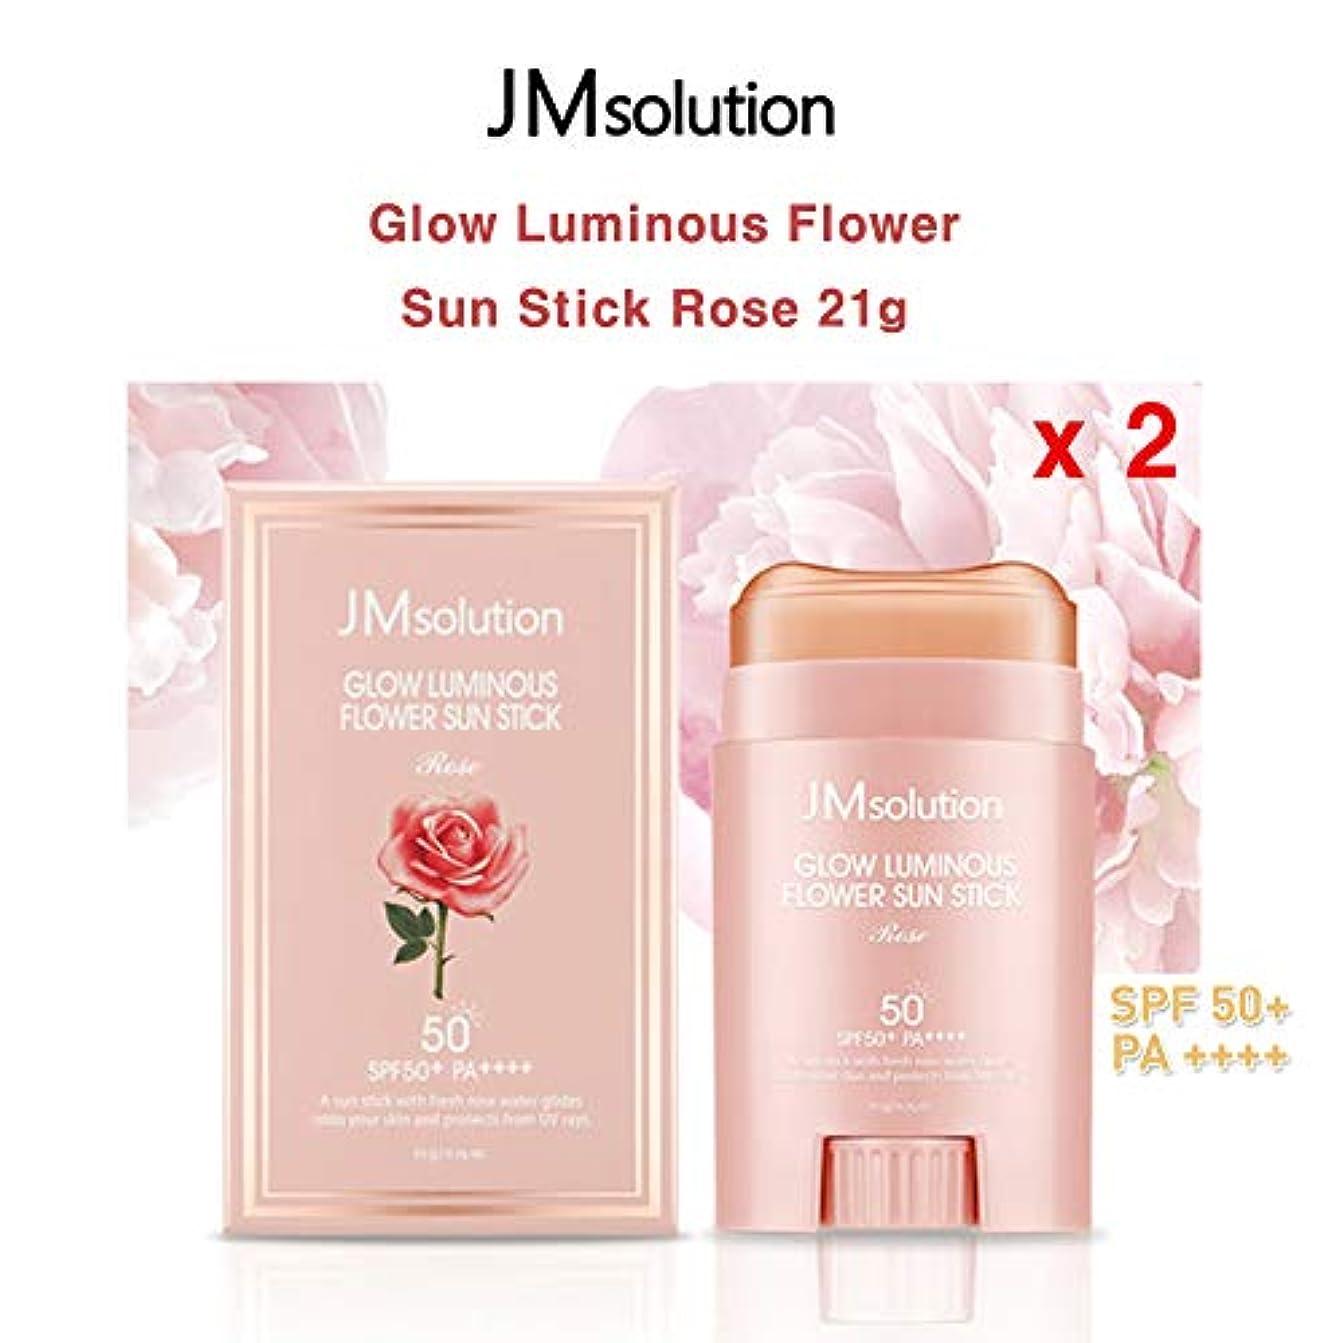 石膏オール再生可能JM Solution ★1+1★ Glow Luminous Flower Sun Stick Rose 21g (spf50 PA) 光る輝く花Sun Stick Rose